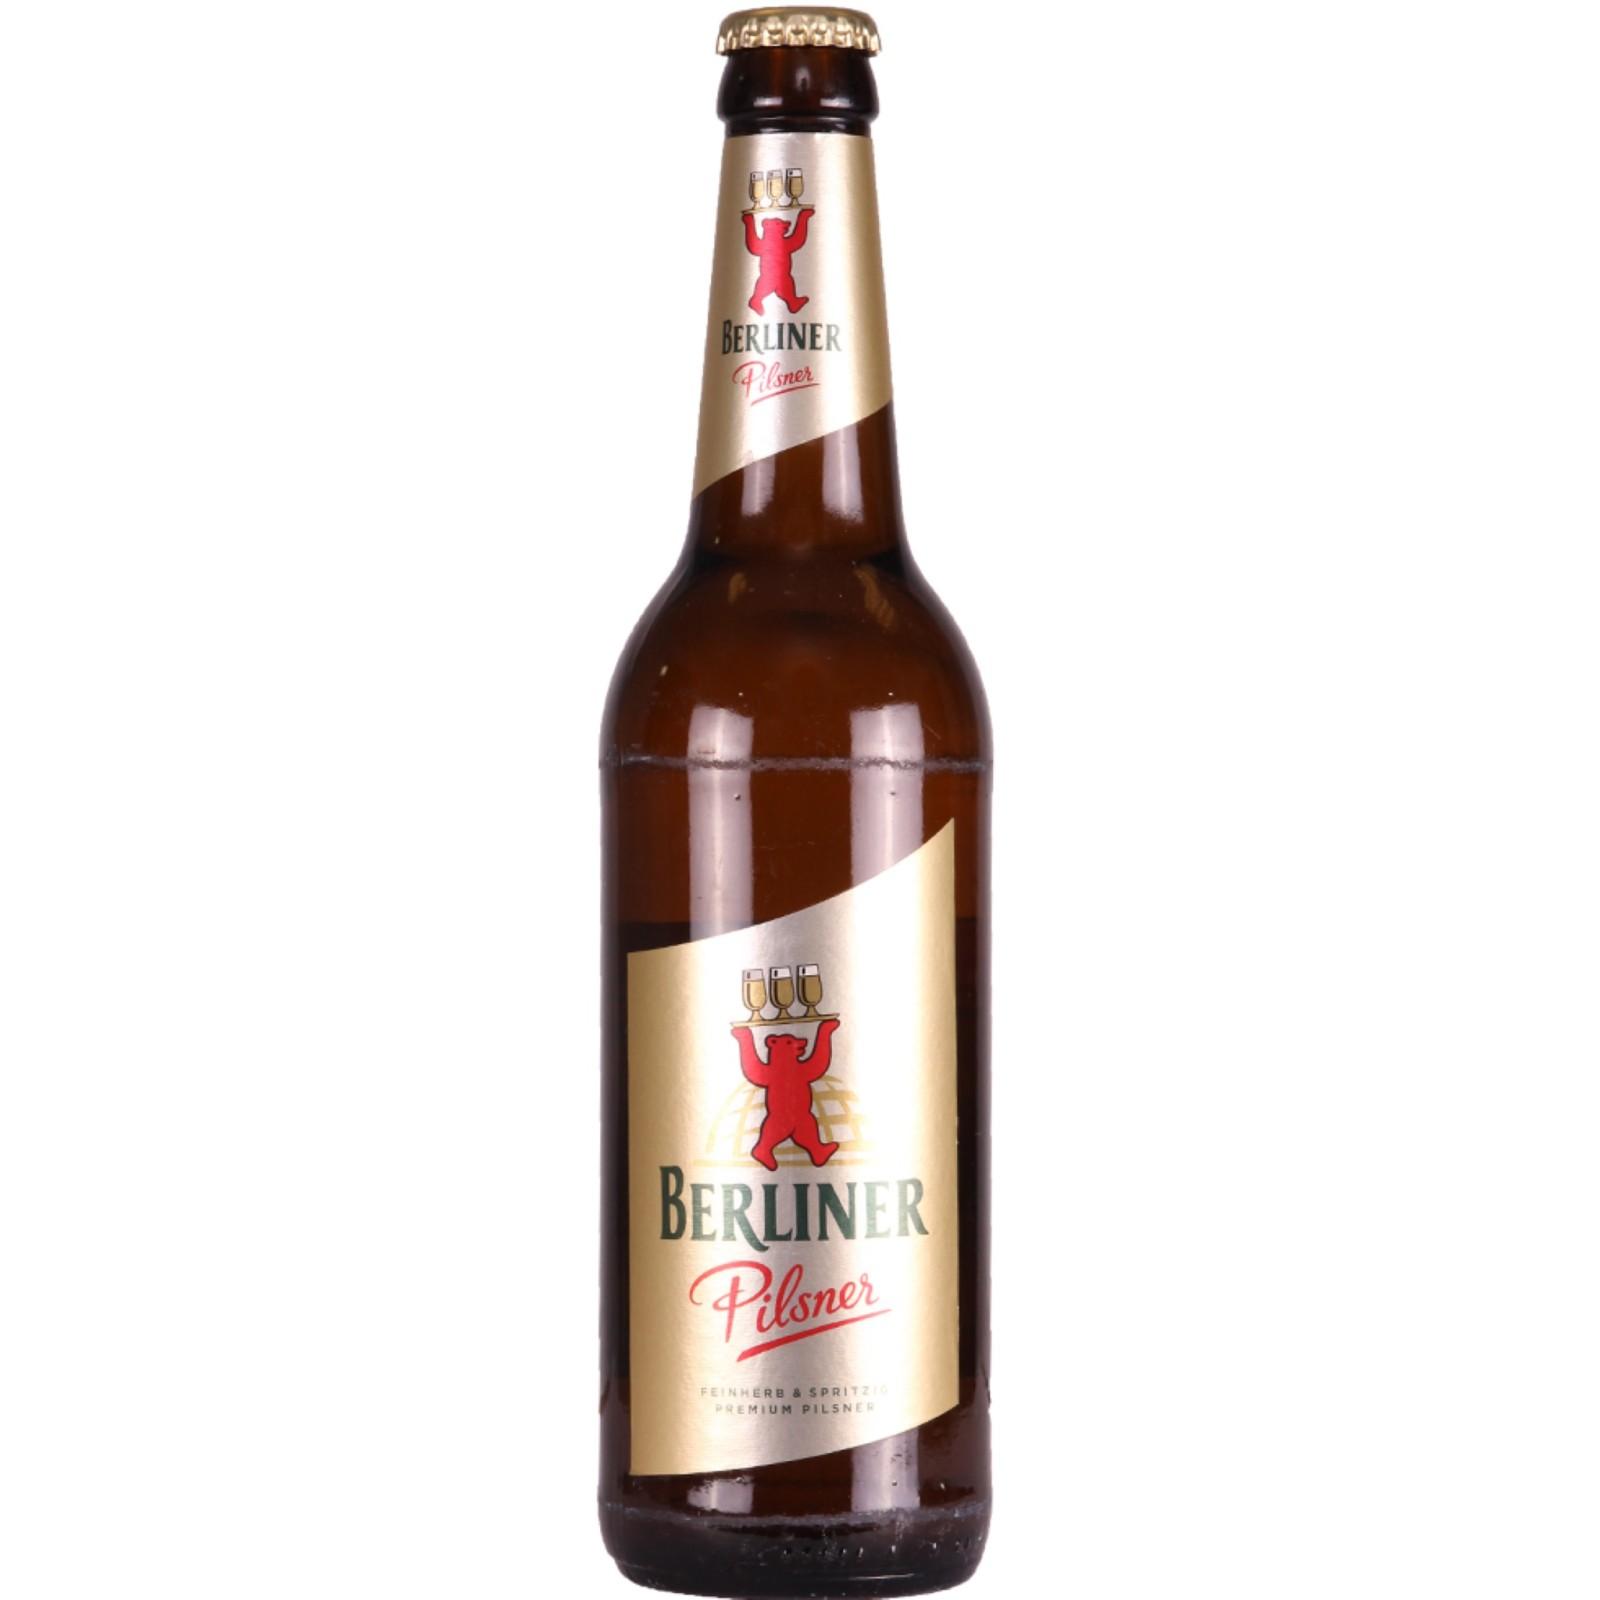 Berliner Pilsner 5% 500ml